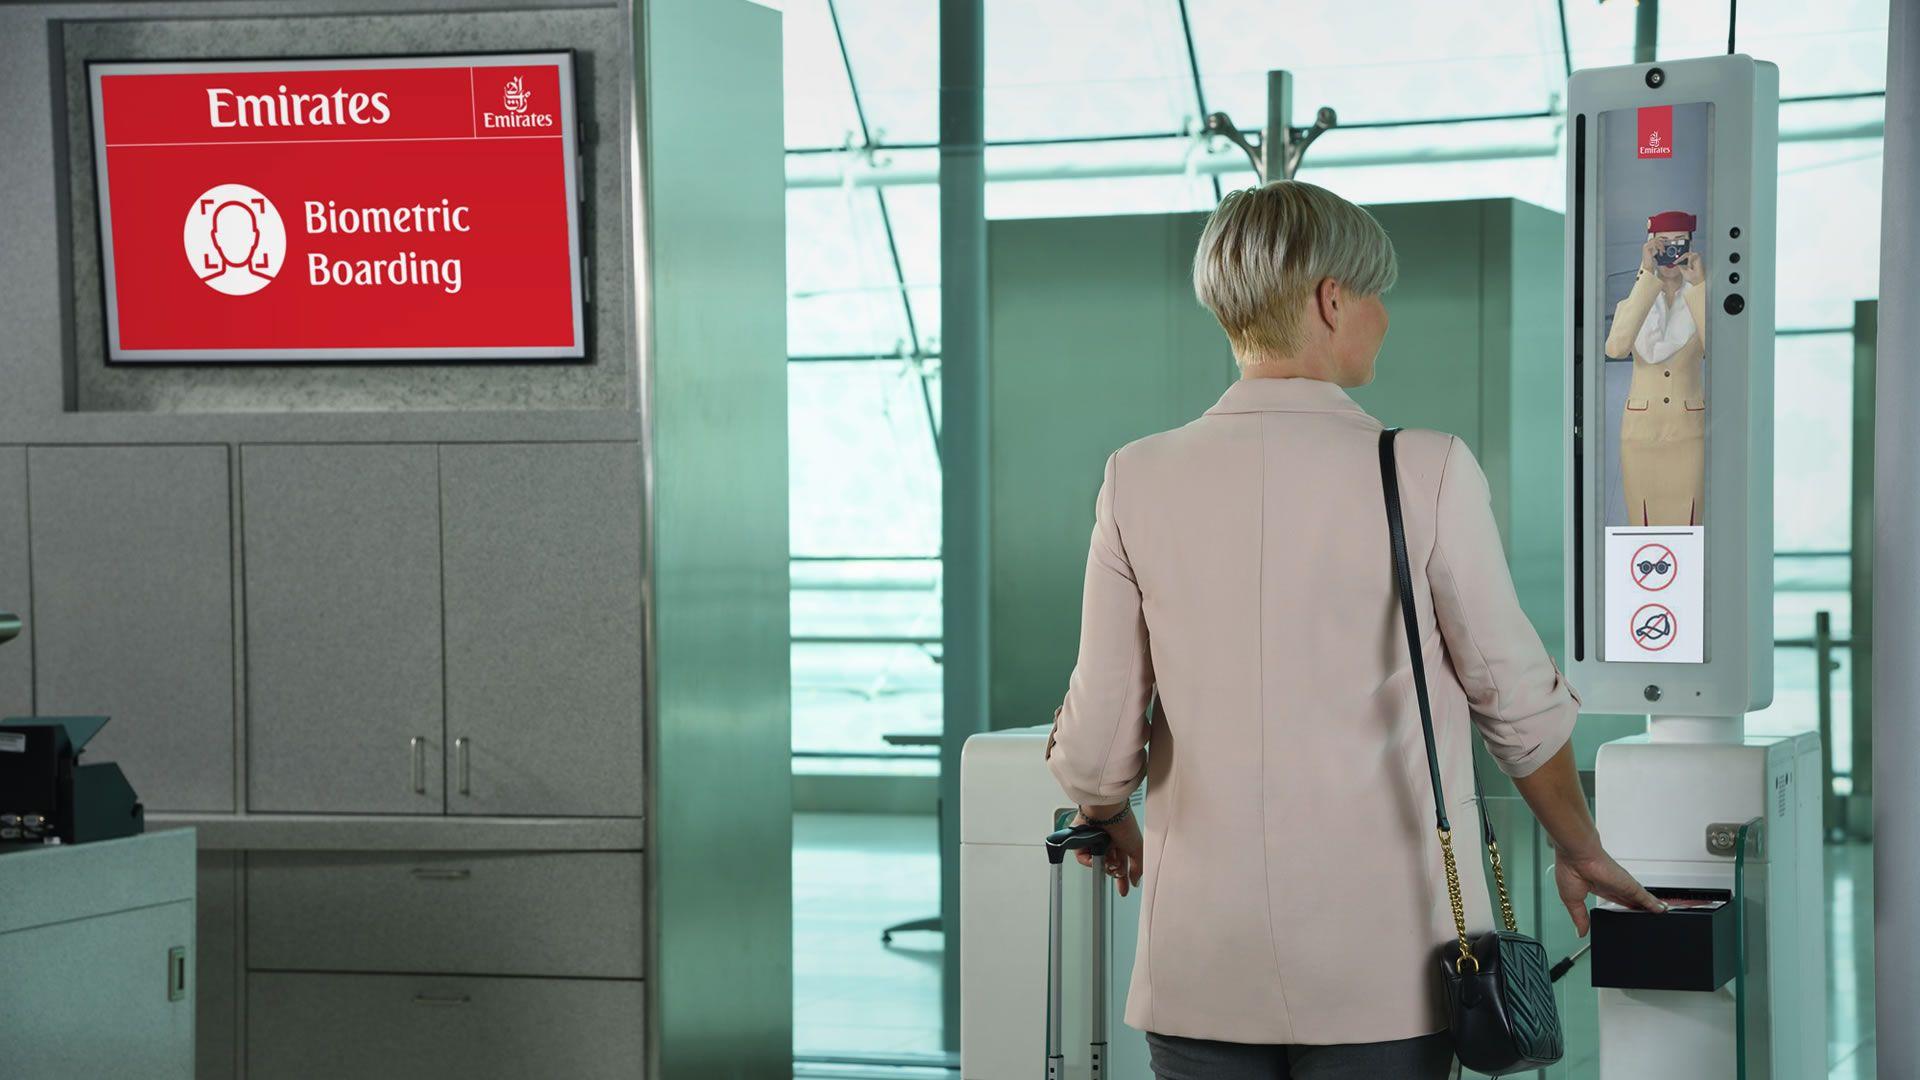 Emirates biométrico: migraciones, lounge y abordaje solo con cara e iris